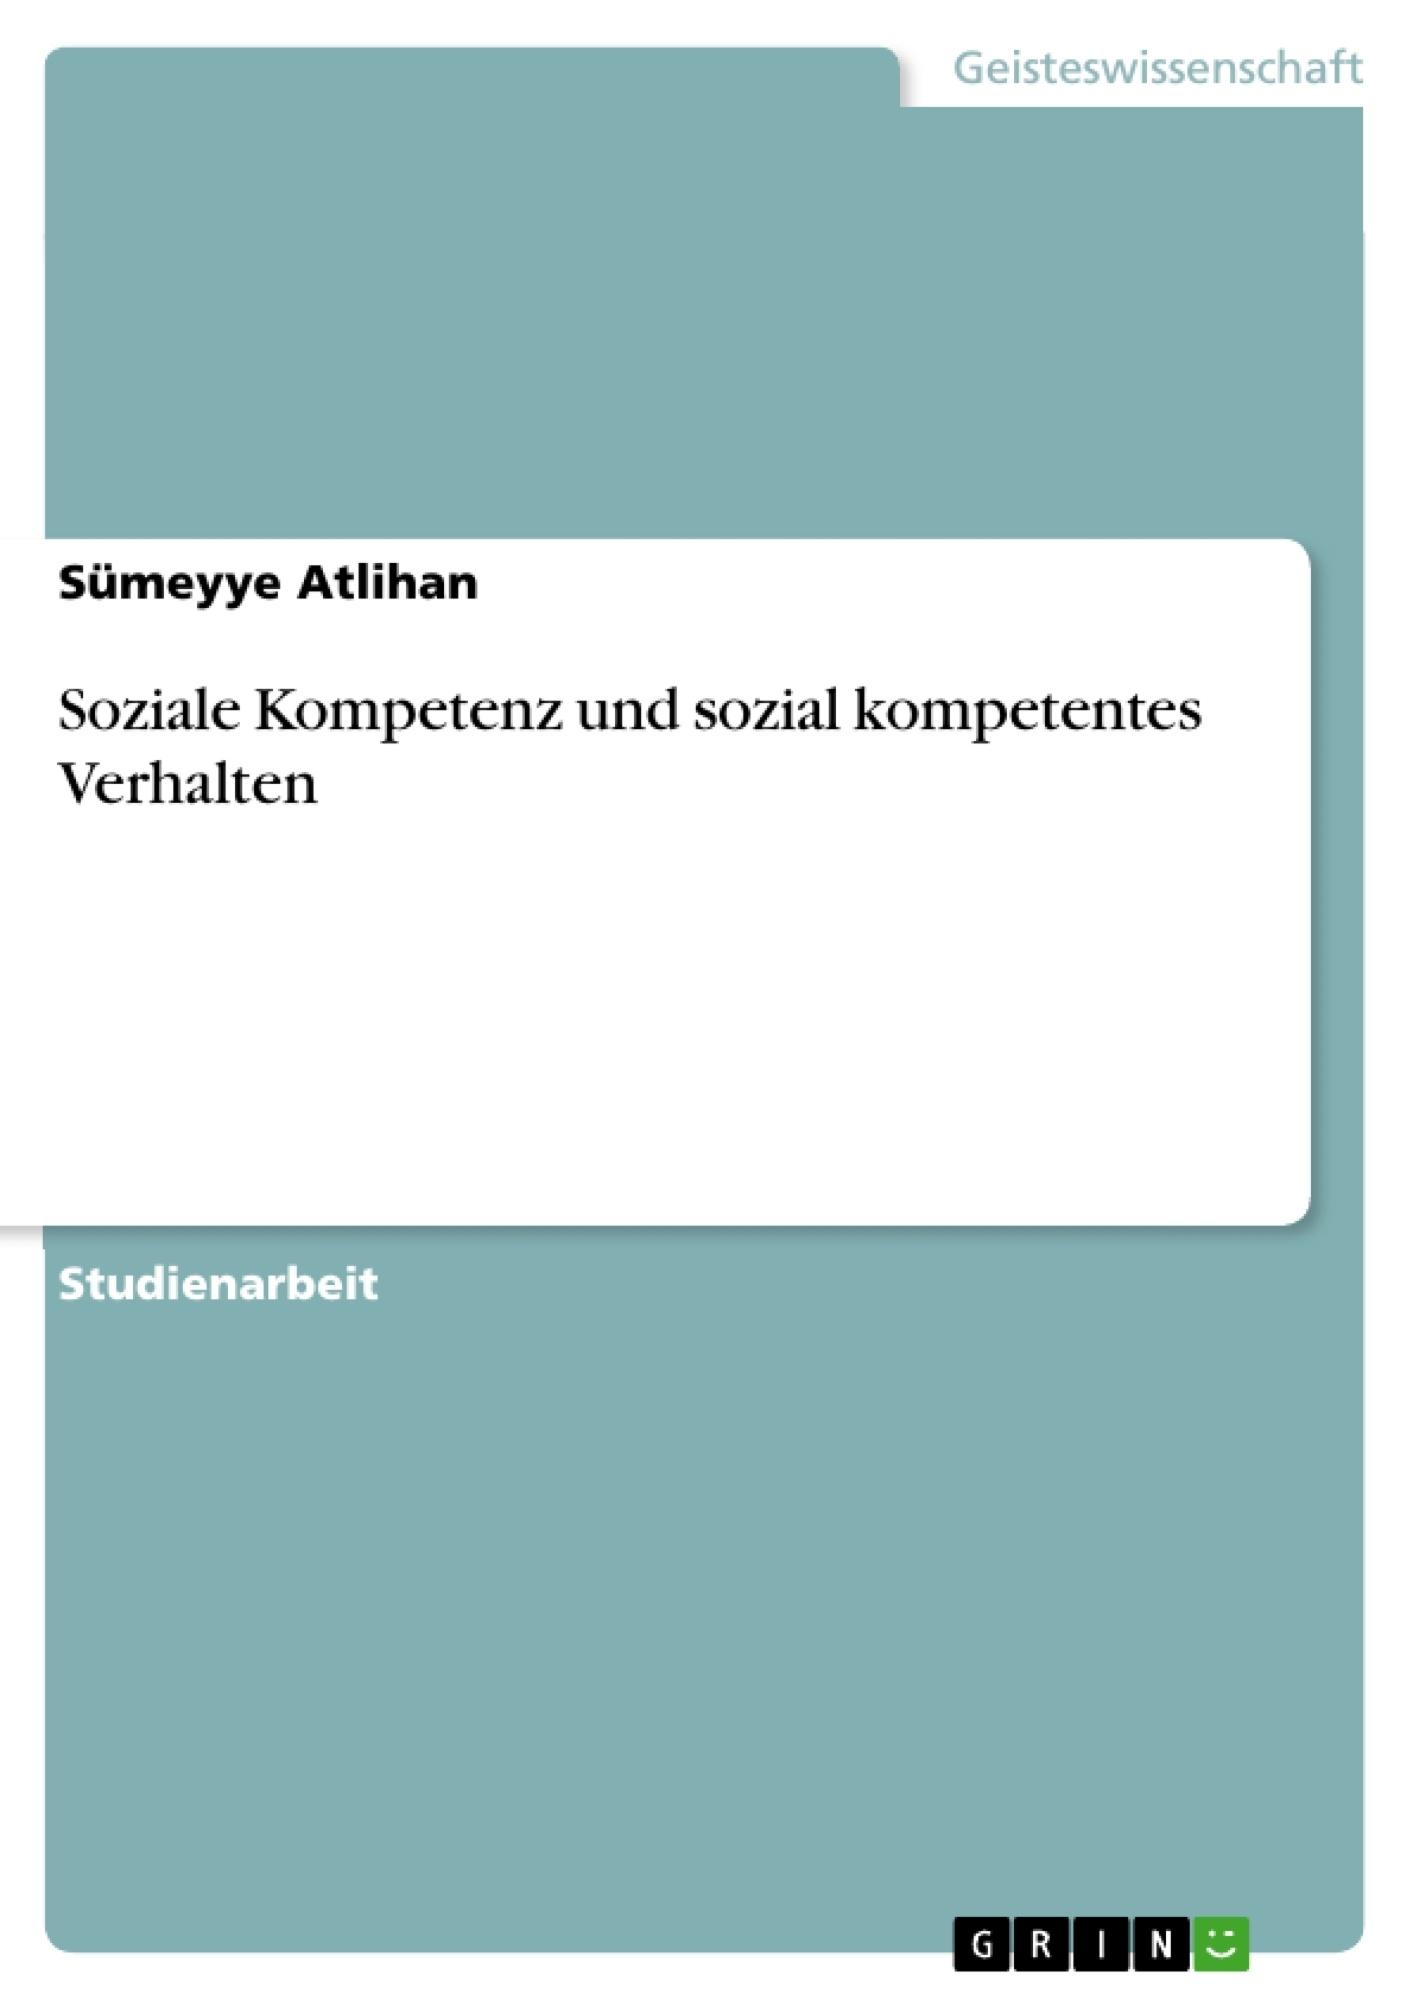 Titel: Soziale Kompetenz und sozial kompetentes Verhalten